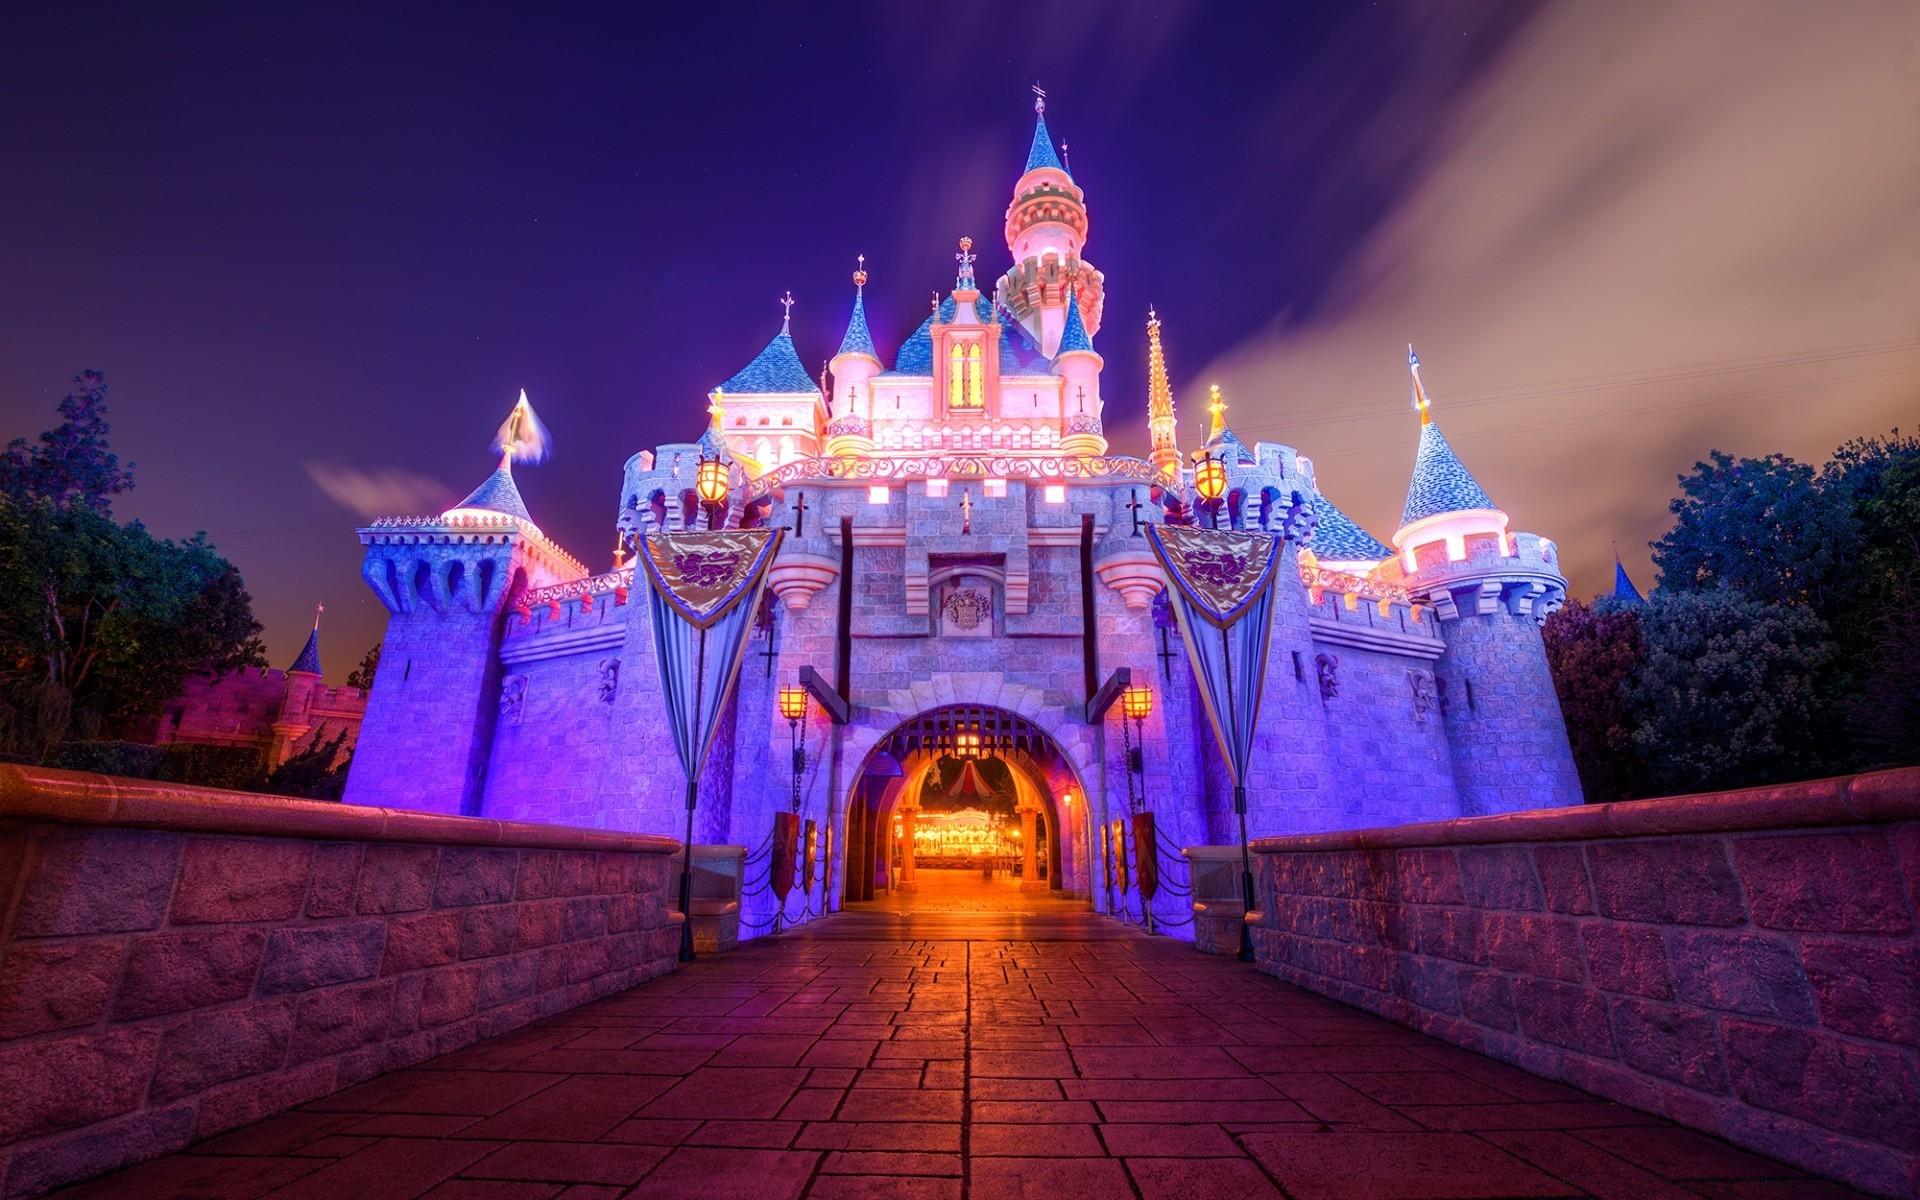 Сказочный замок картинки фото